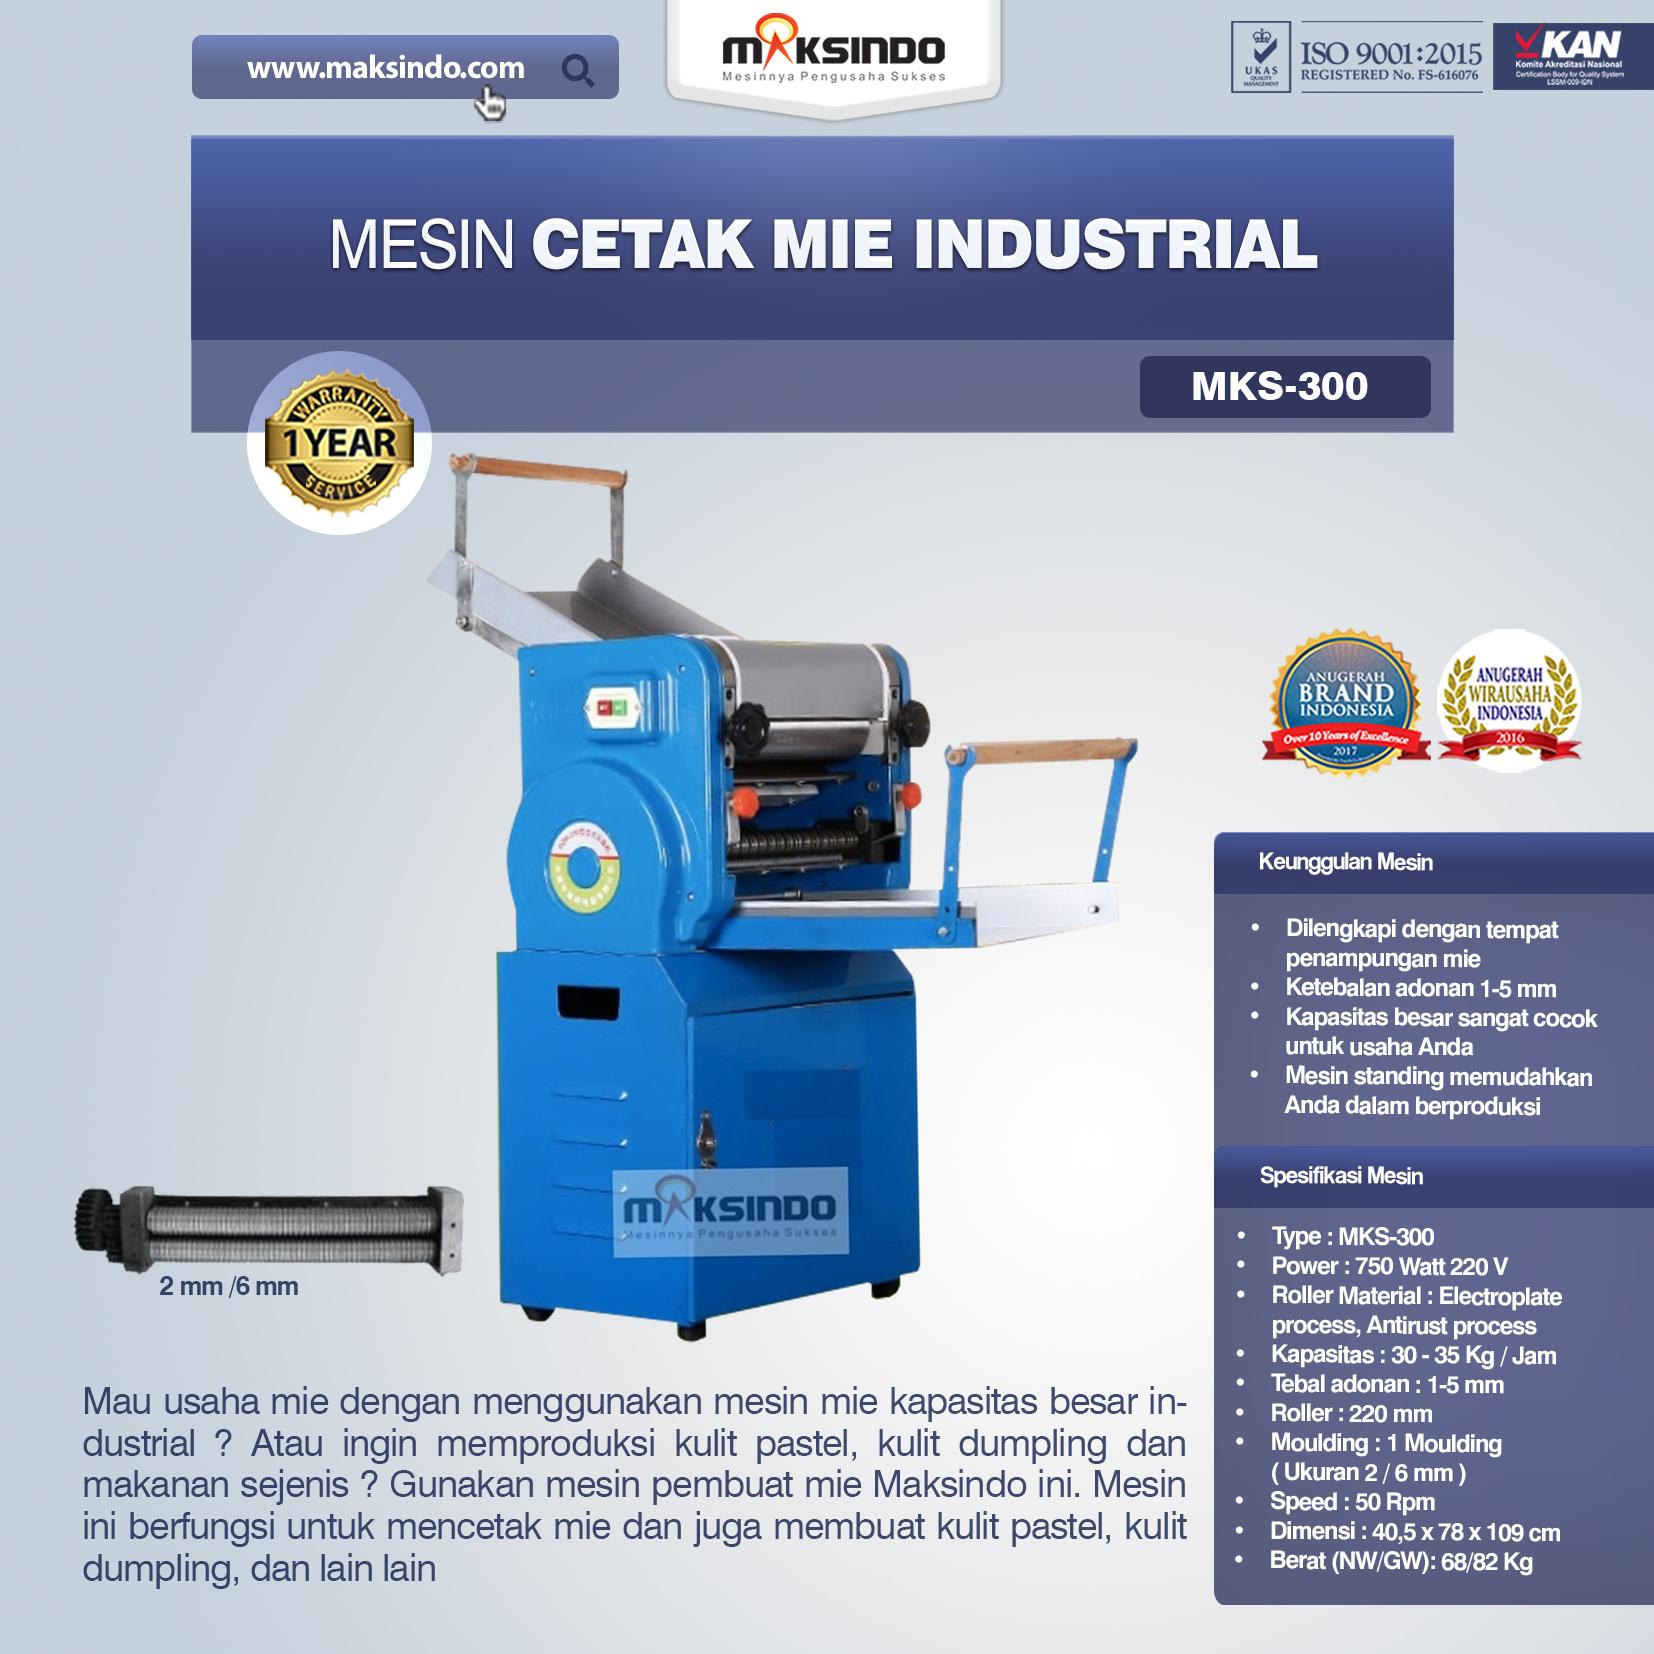 Jual Mesin Cetak Mie Industrial (MKS-300) di Bandung